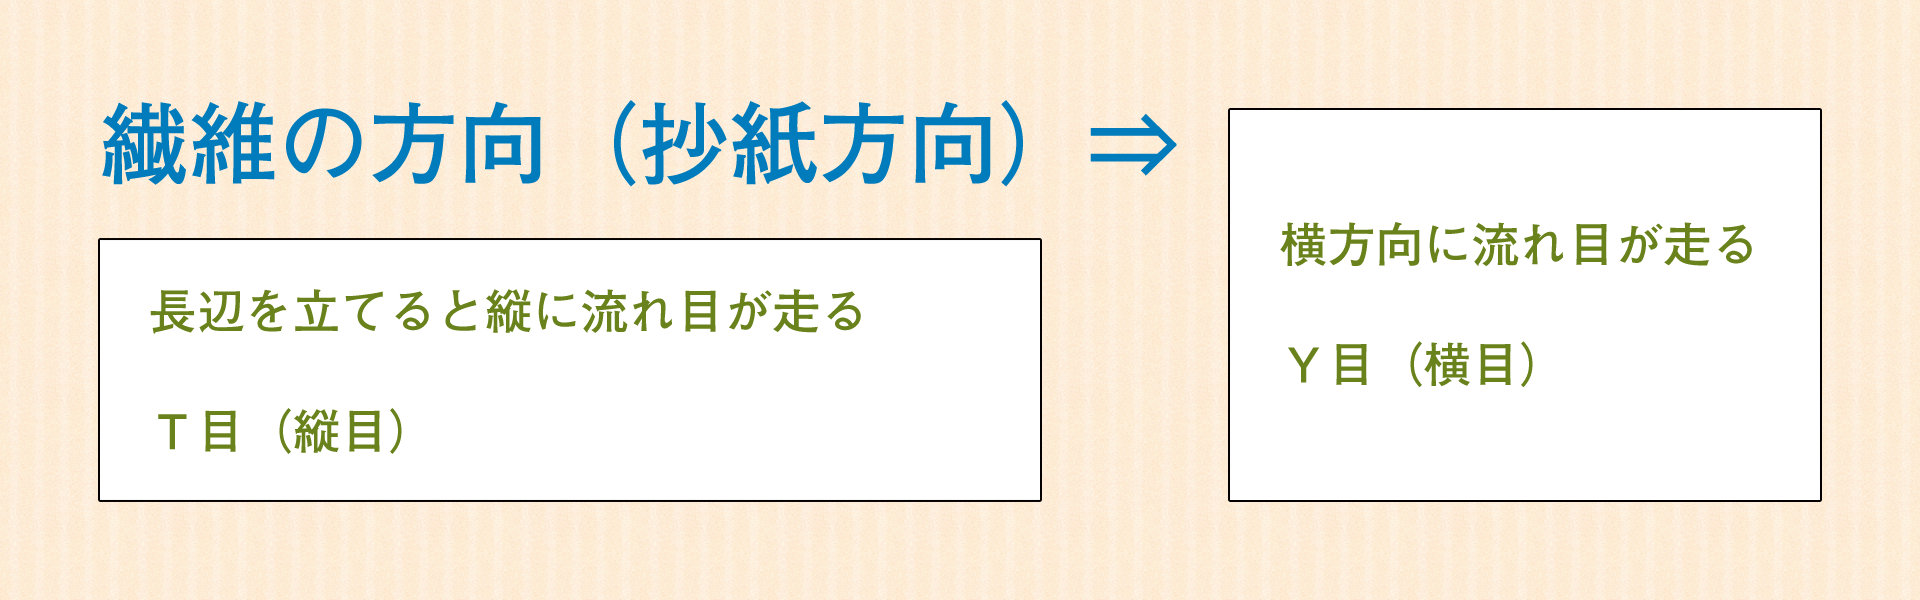 流れ目と寸法表記